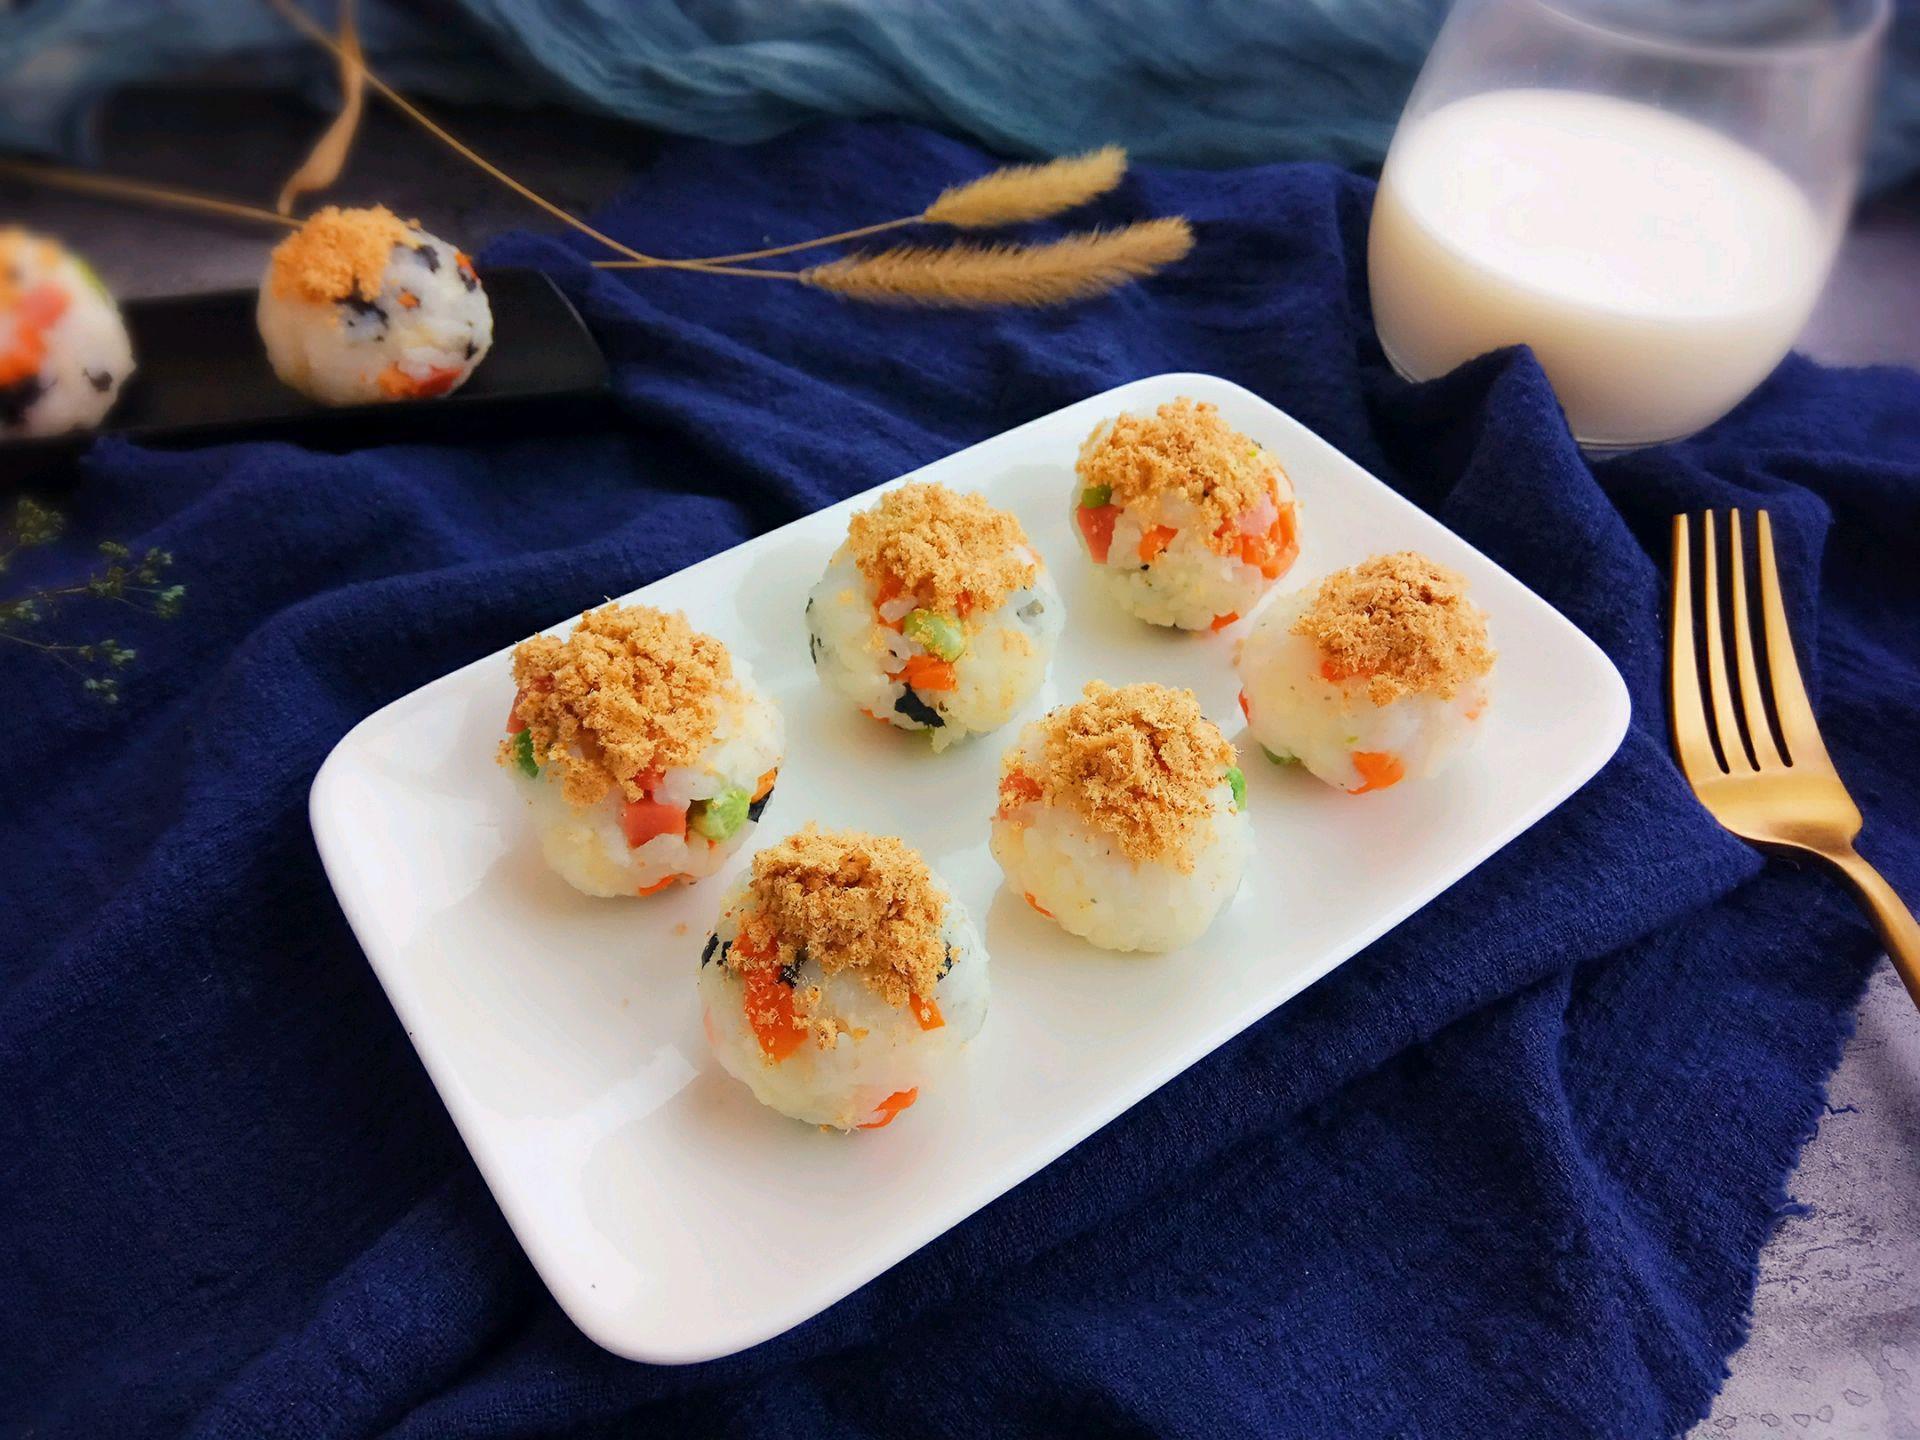 海苔肉松饭团的做法图解11